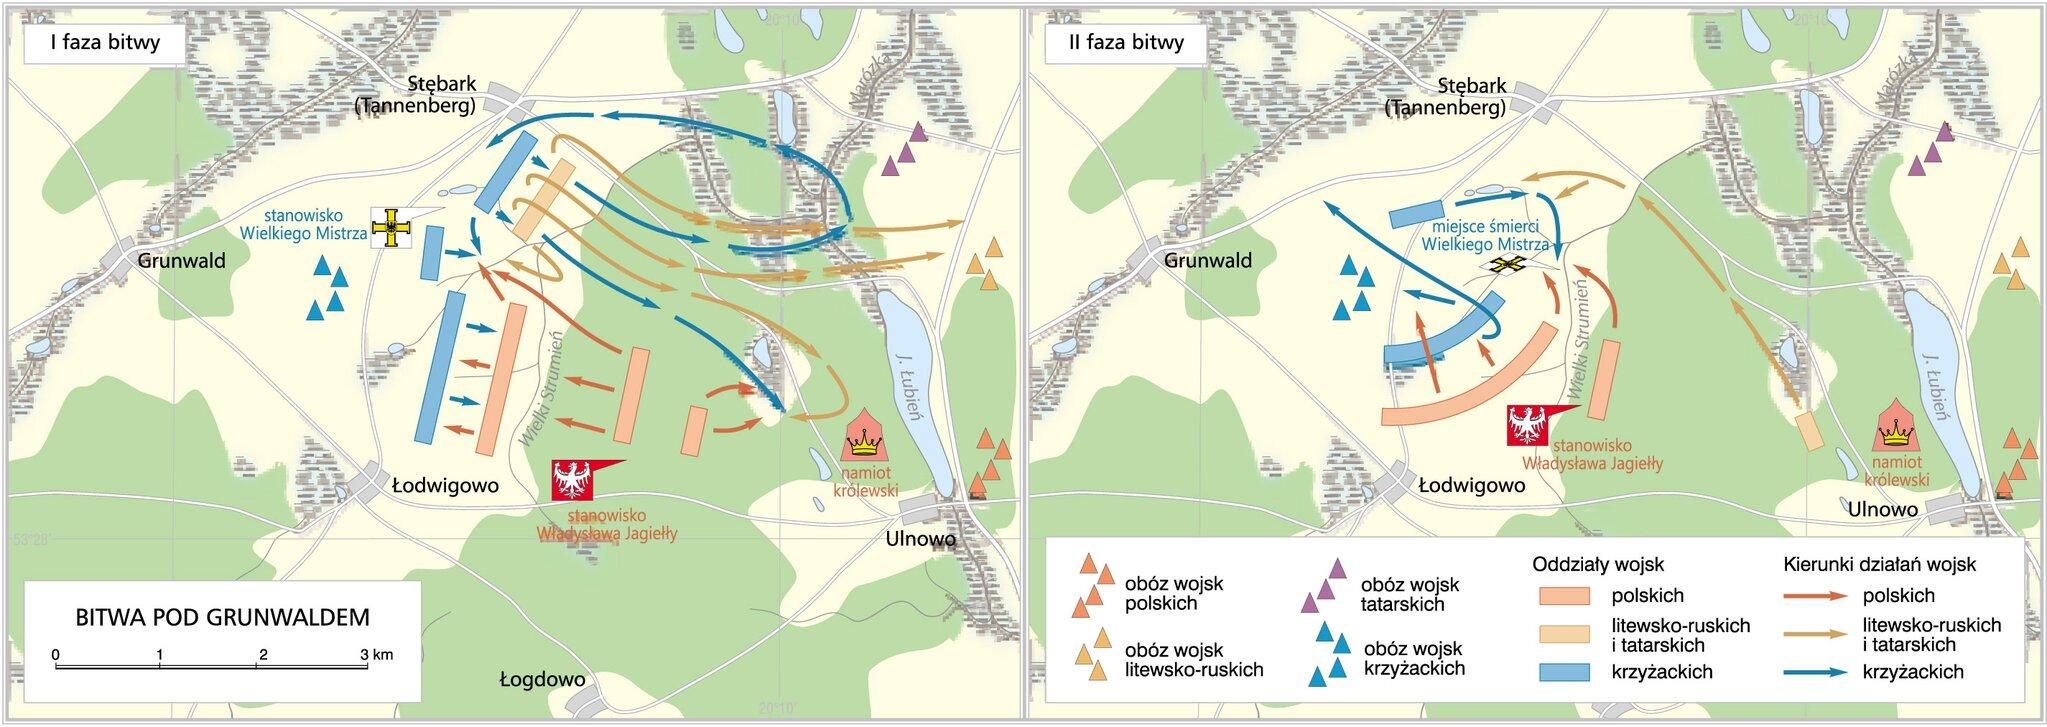 Bitwa pod Grunwaldem Źródło: Krystian Chariza izespół, Bitwa pod Grunwaldem, licencja: CC BY 3.0.